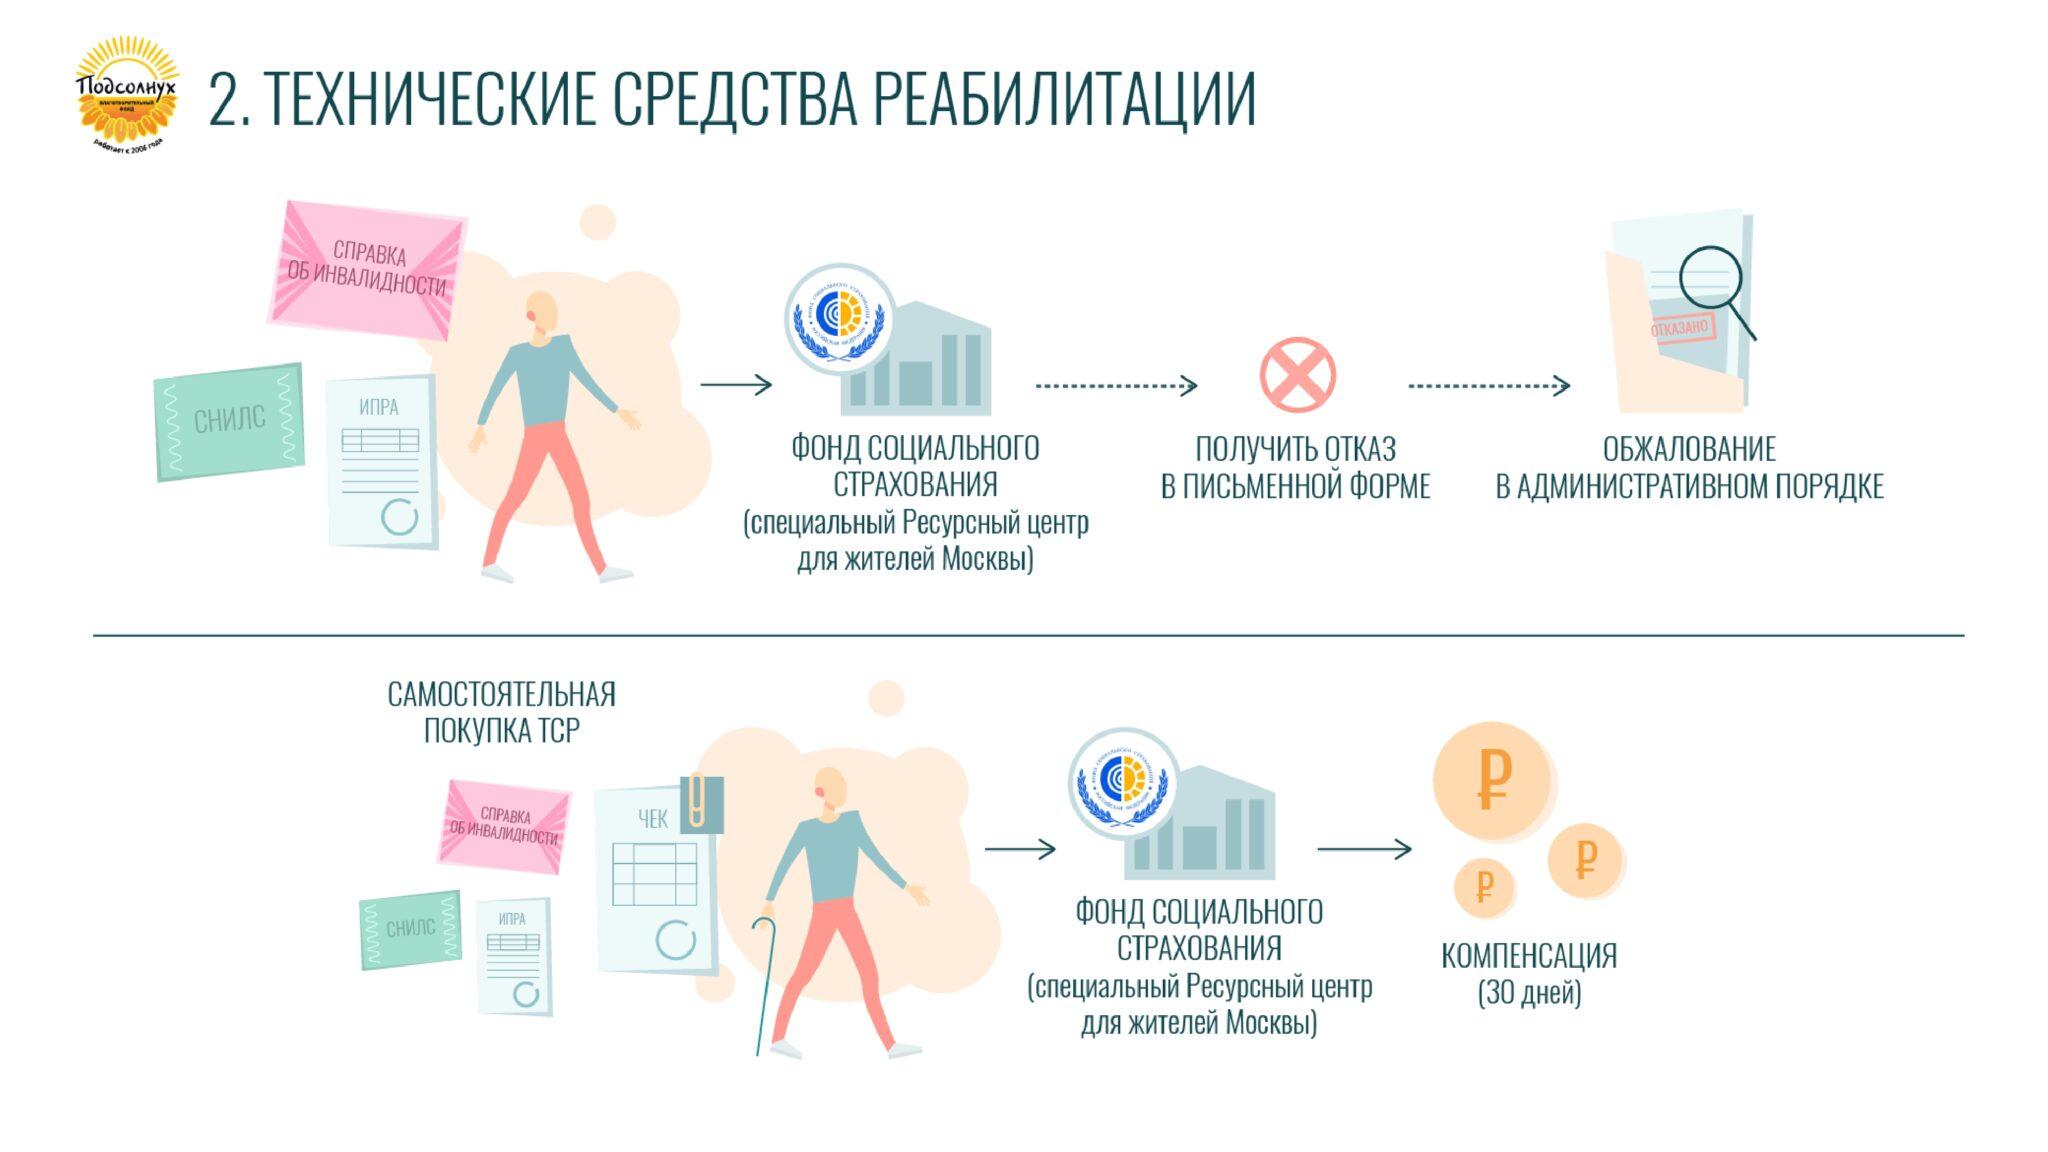 Дорожная карта_page-0003